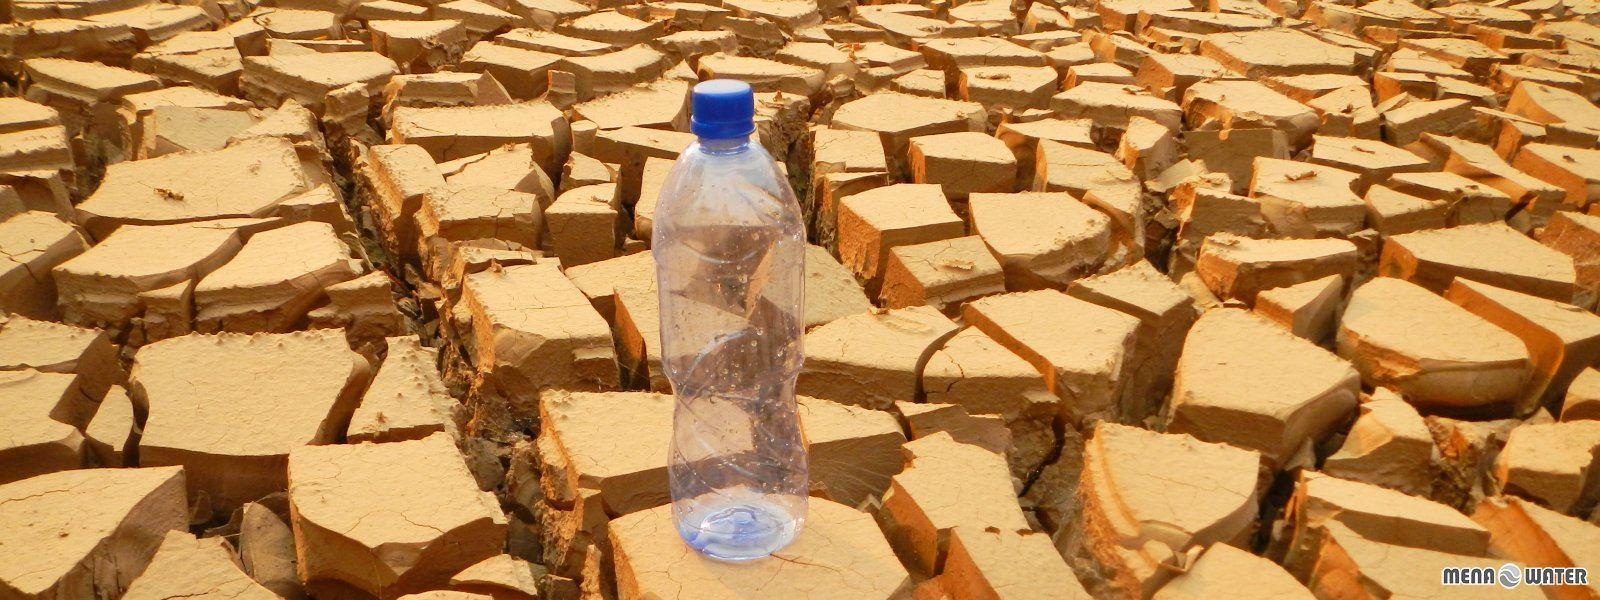 Wir lösen Wasser-Probleme